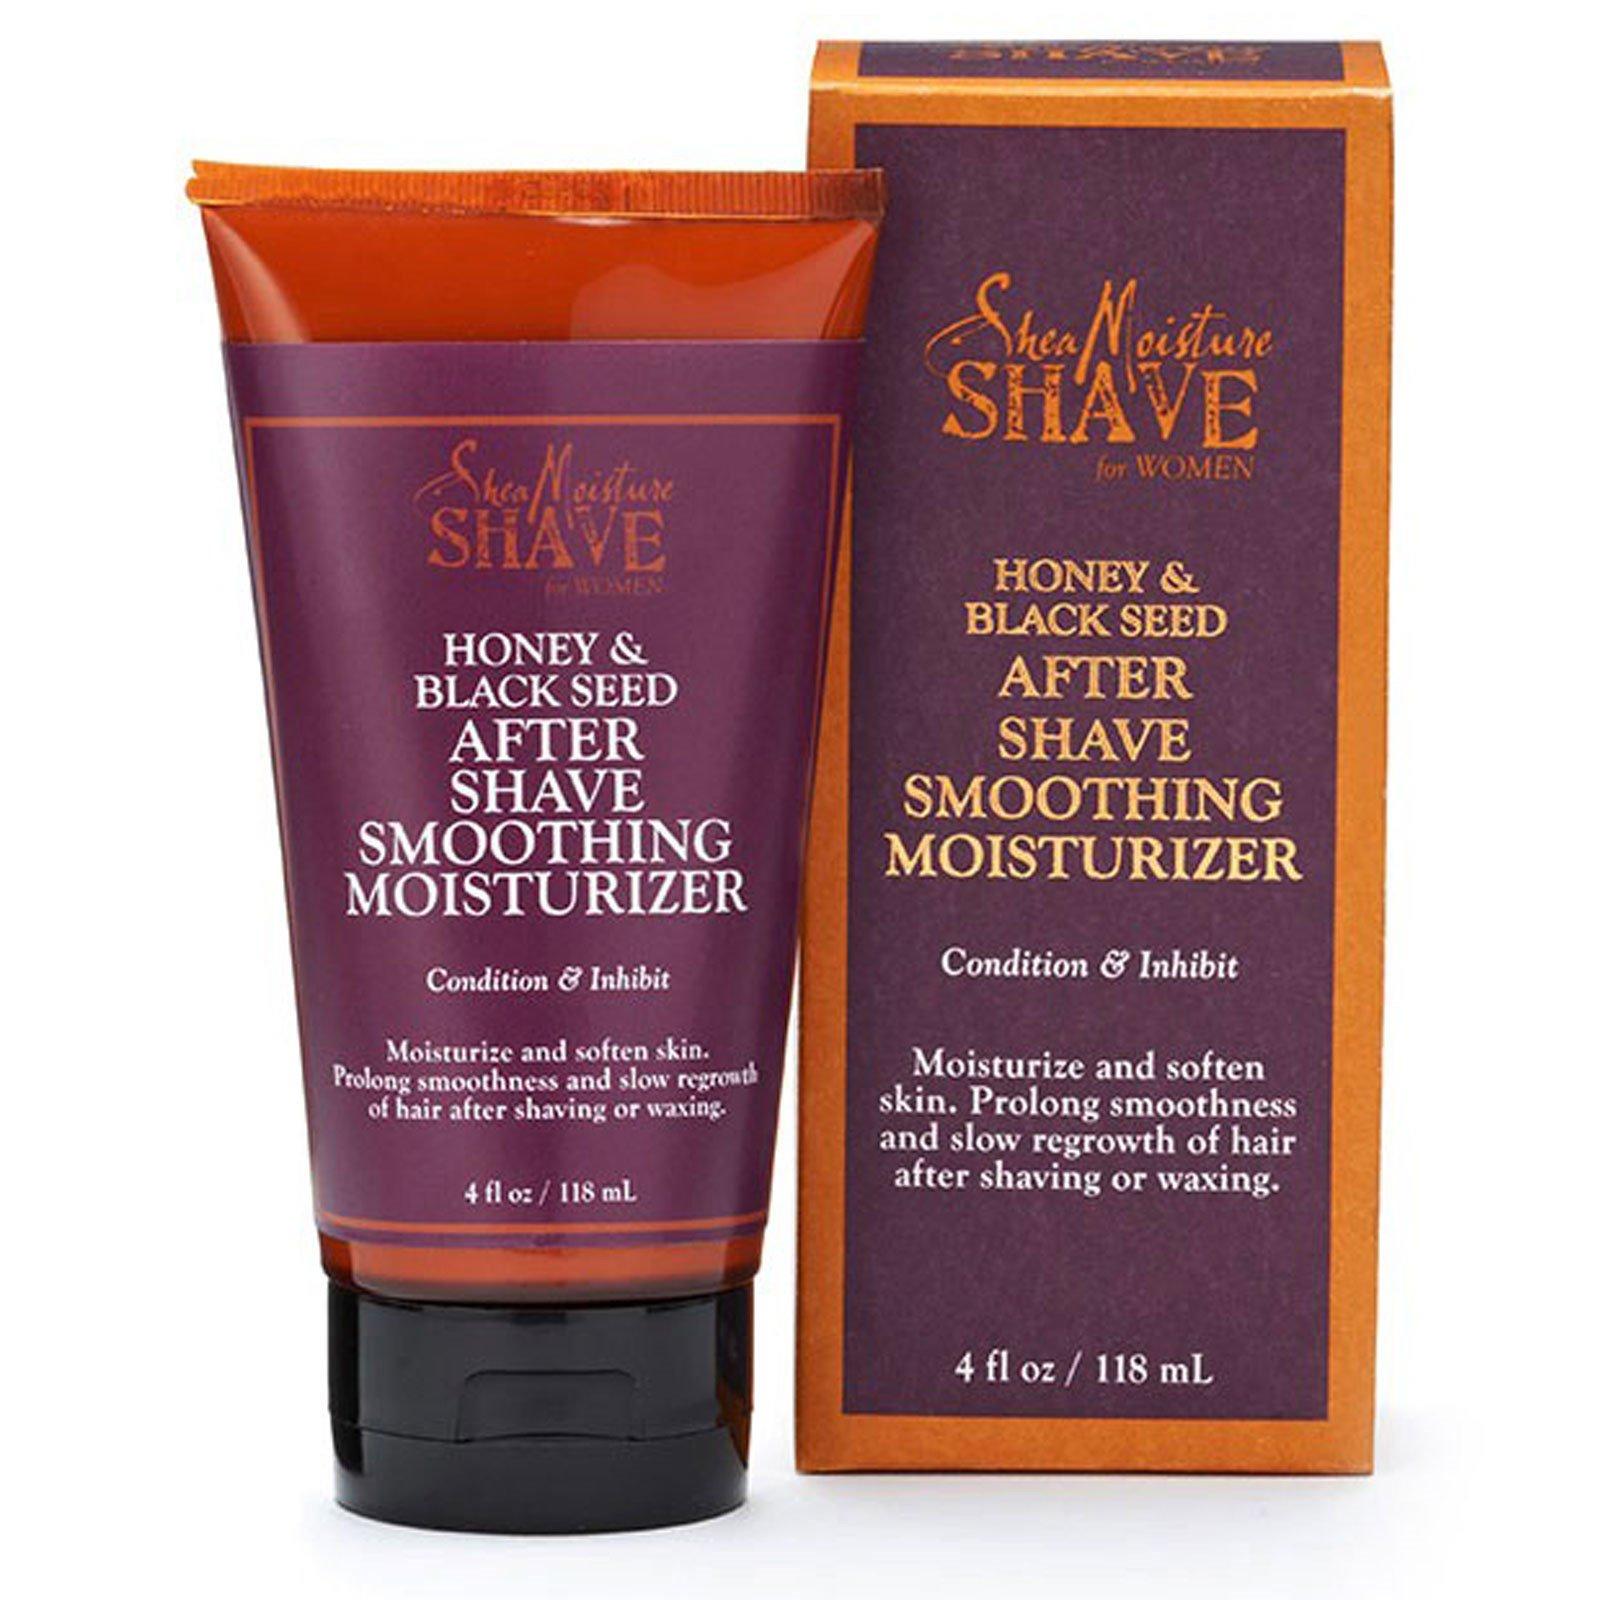 Shea Moisture, Бритье для женщин, мягкий увлажняющий крем после бритья, мед и калинджи, 4 жидких унции (118 мл)